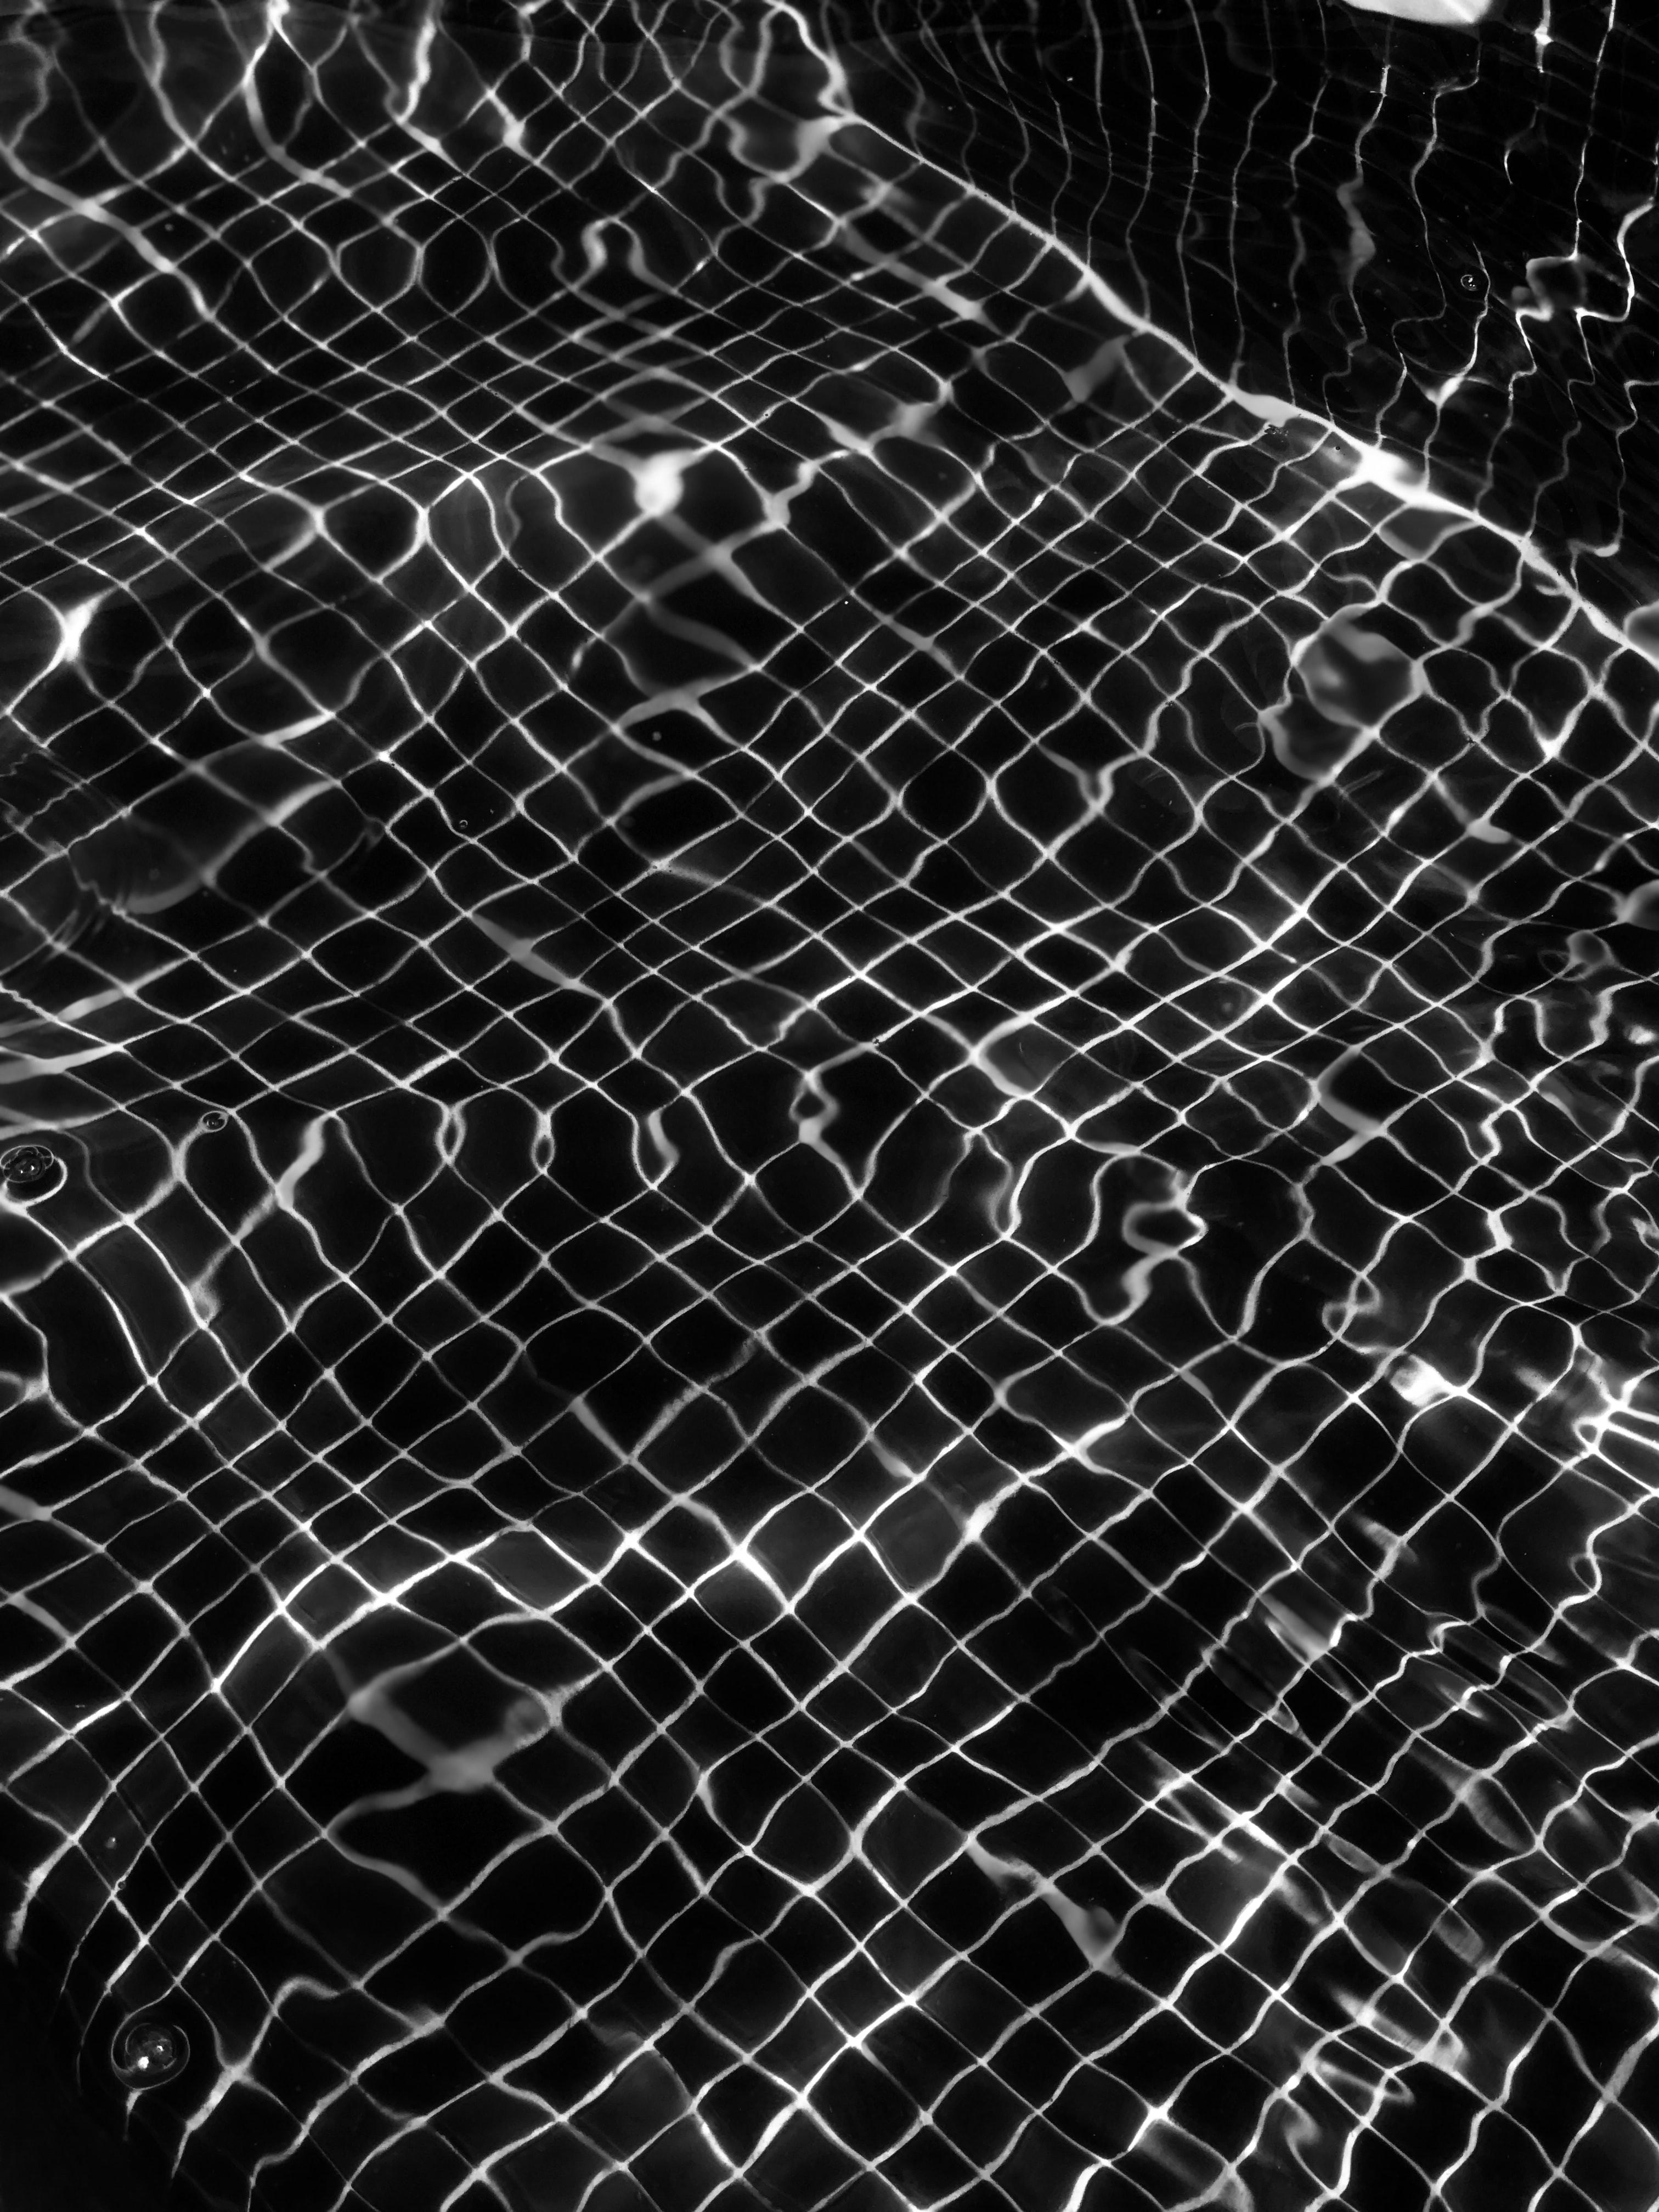 Trippy Wallpapers Free Hd Download 500 Hq Unsplash